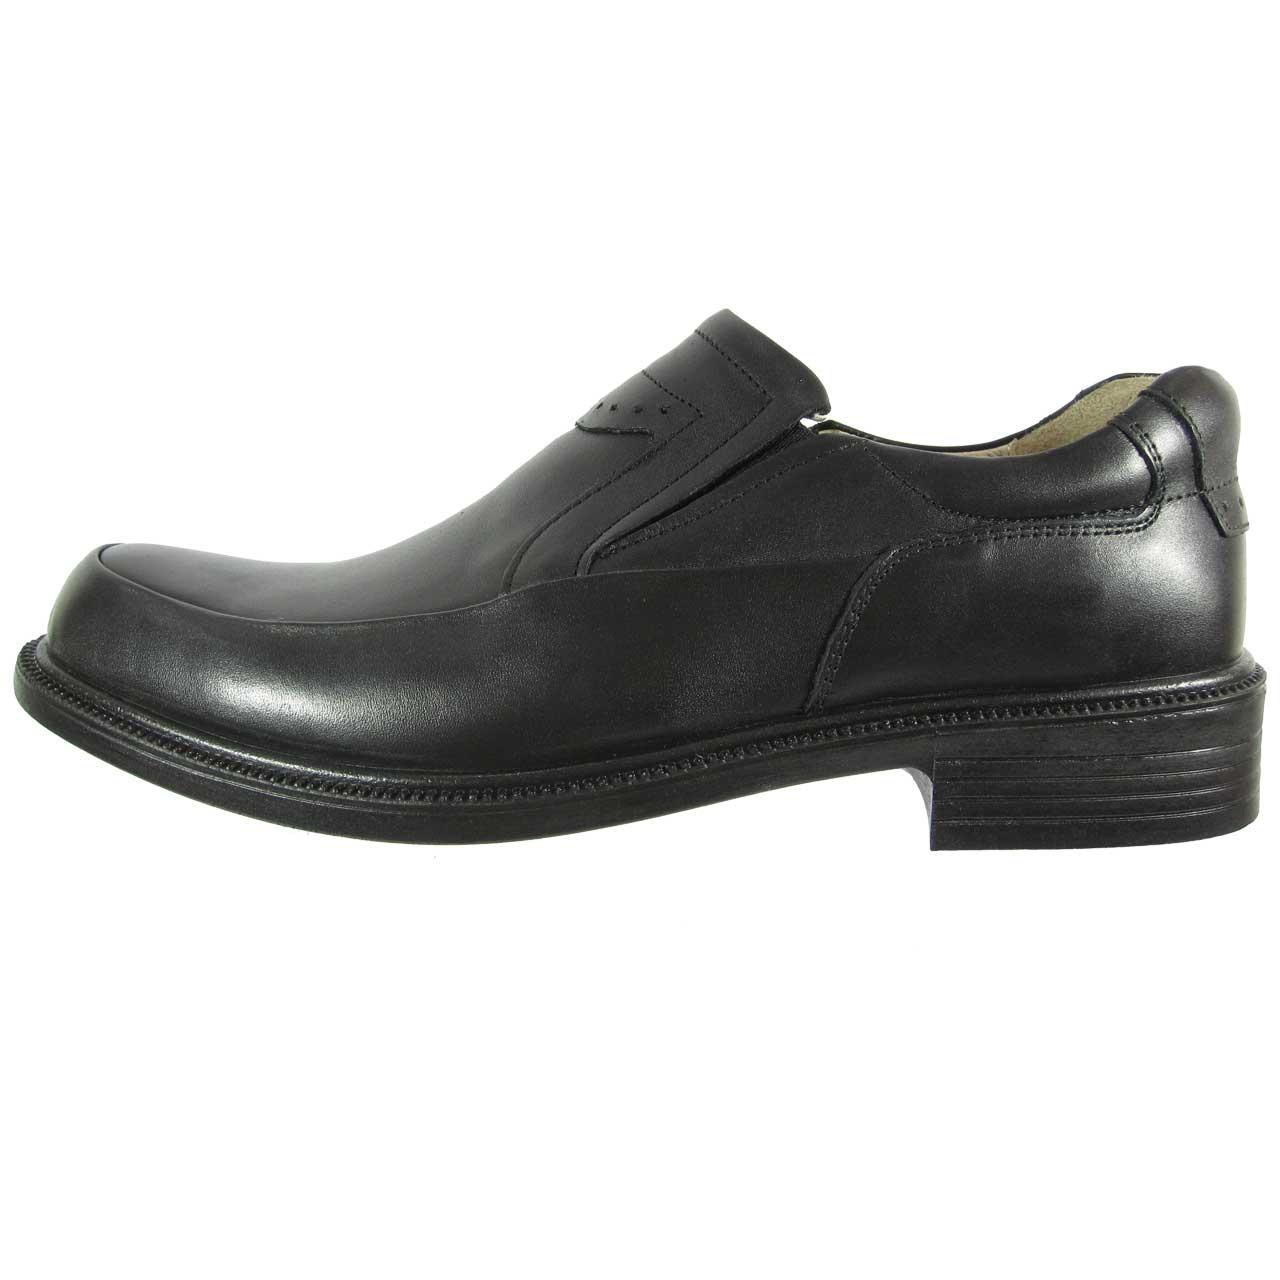 کفش مردانه فرزین مدل Senator کد 1233